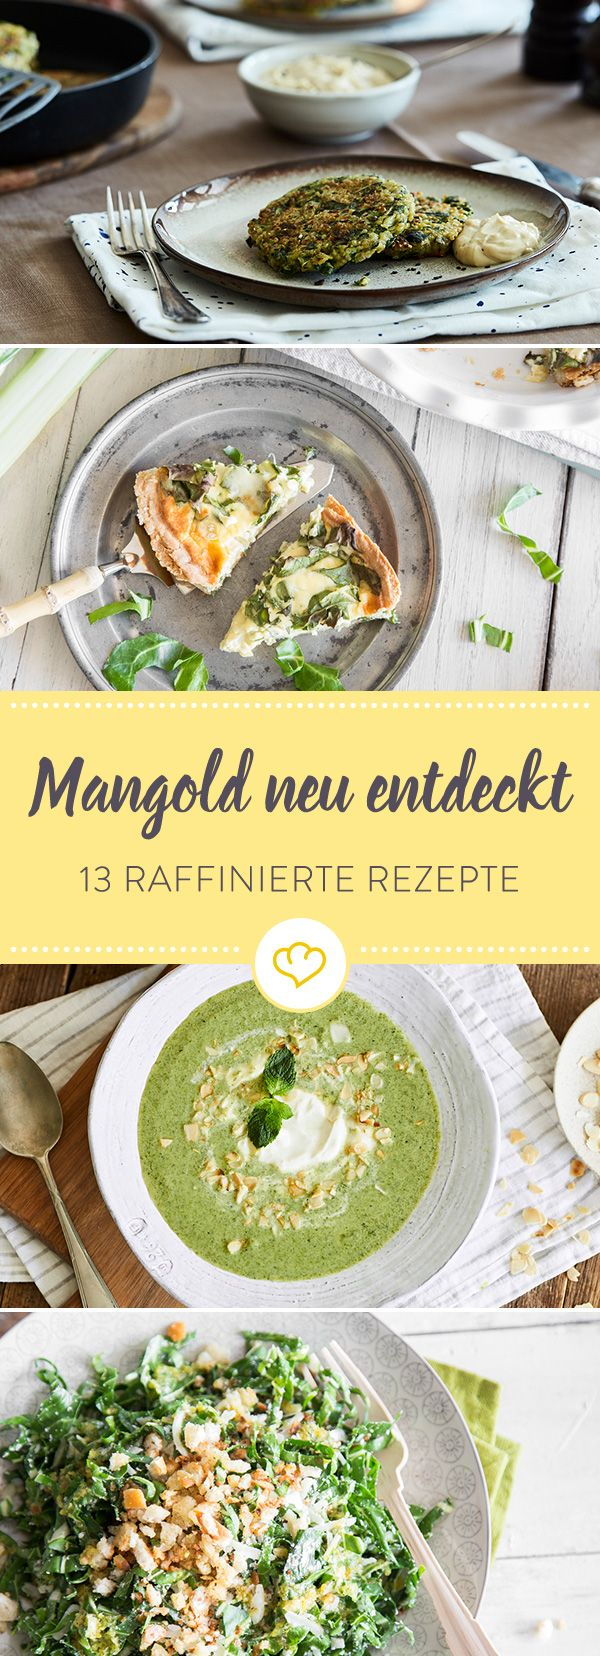 Mangold stand lange genug im Schatten von Spinat. Jetzt feiert das aromatische Gemüse endlich sein Comeback als Quiche, als Salat, als Lasagne, als ...